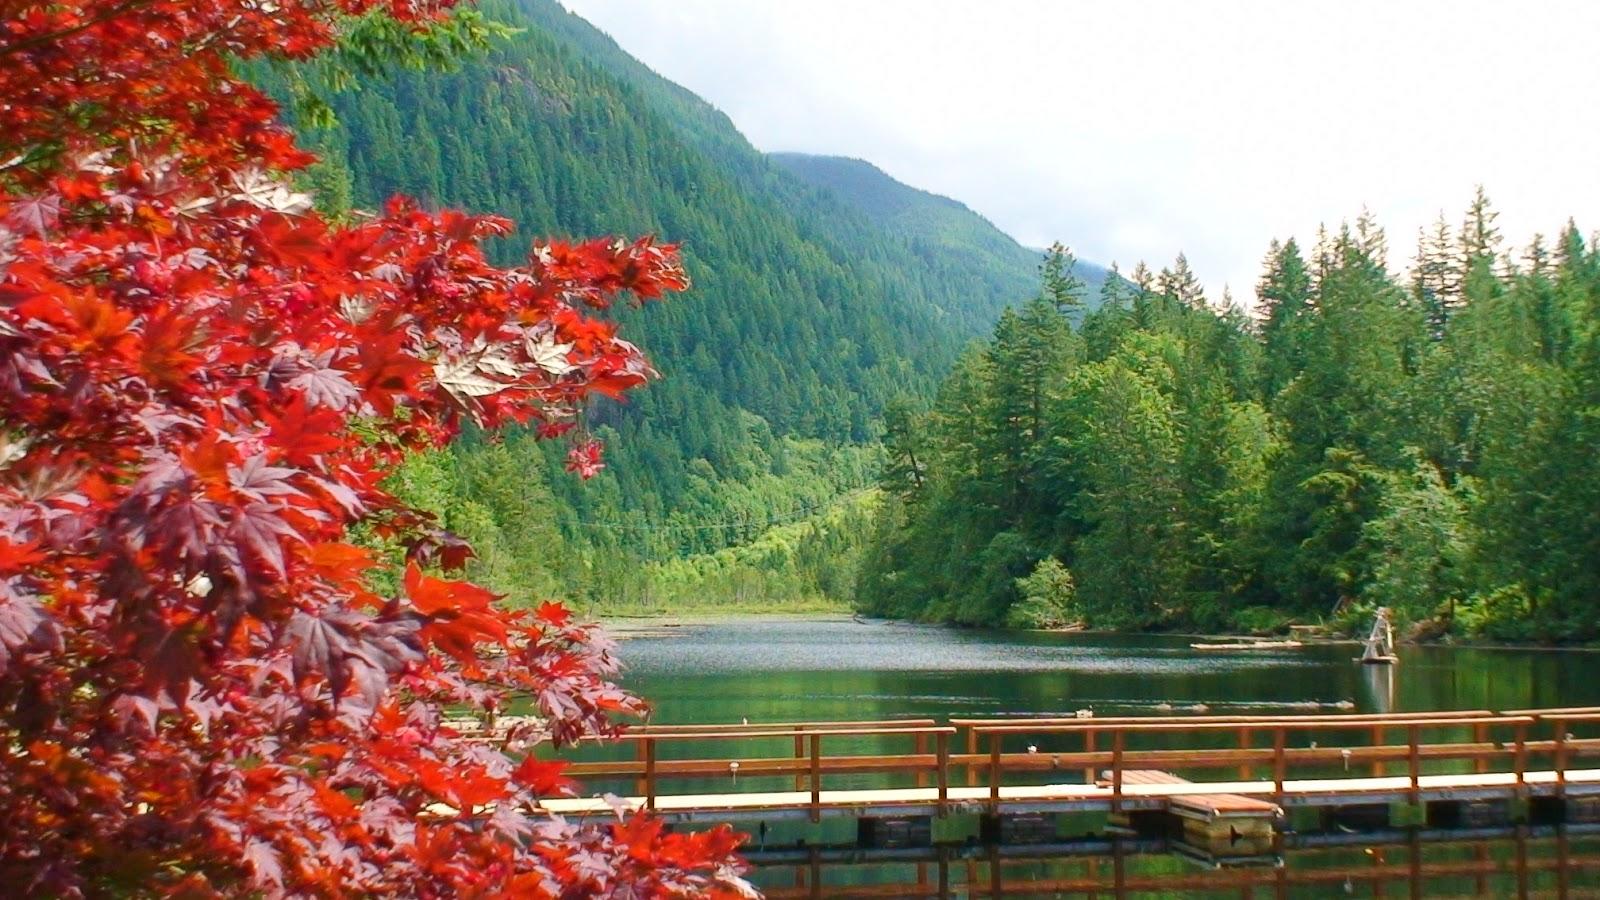 「溫哥華島」的圖片搜尋結果